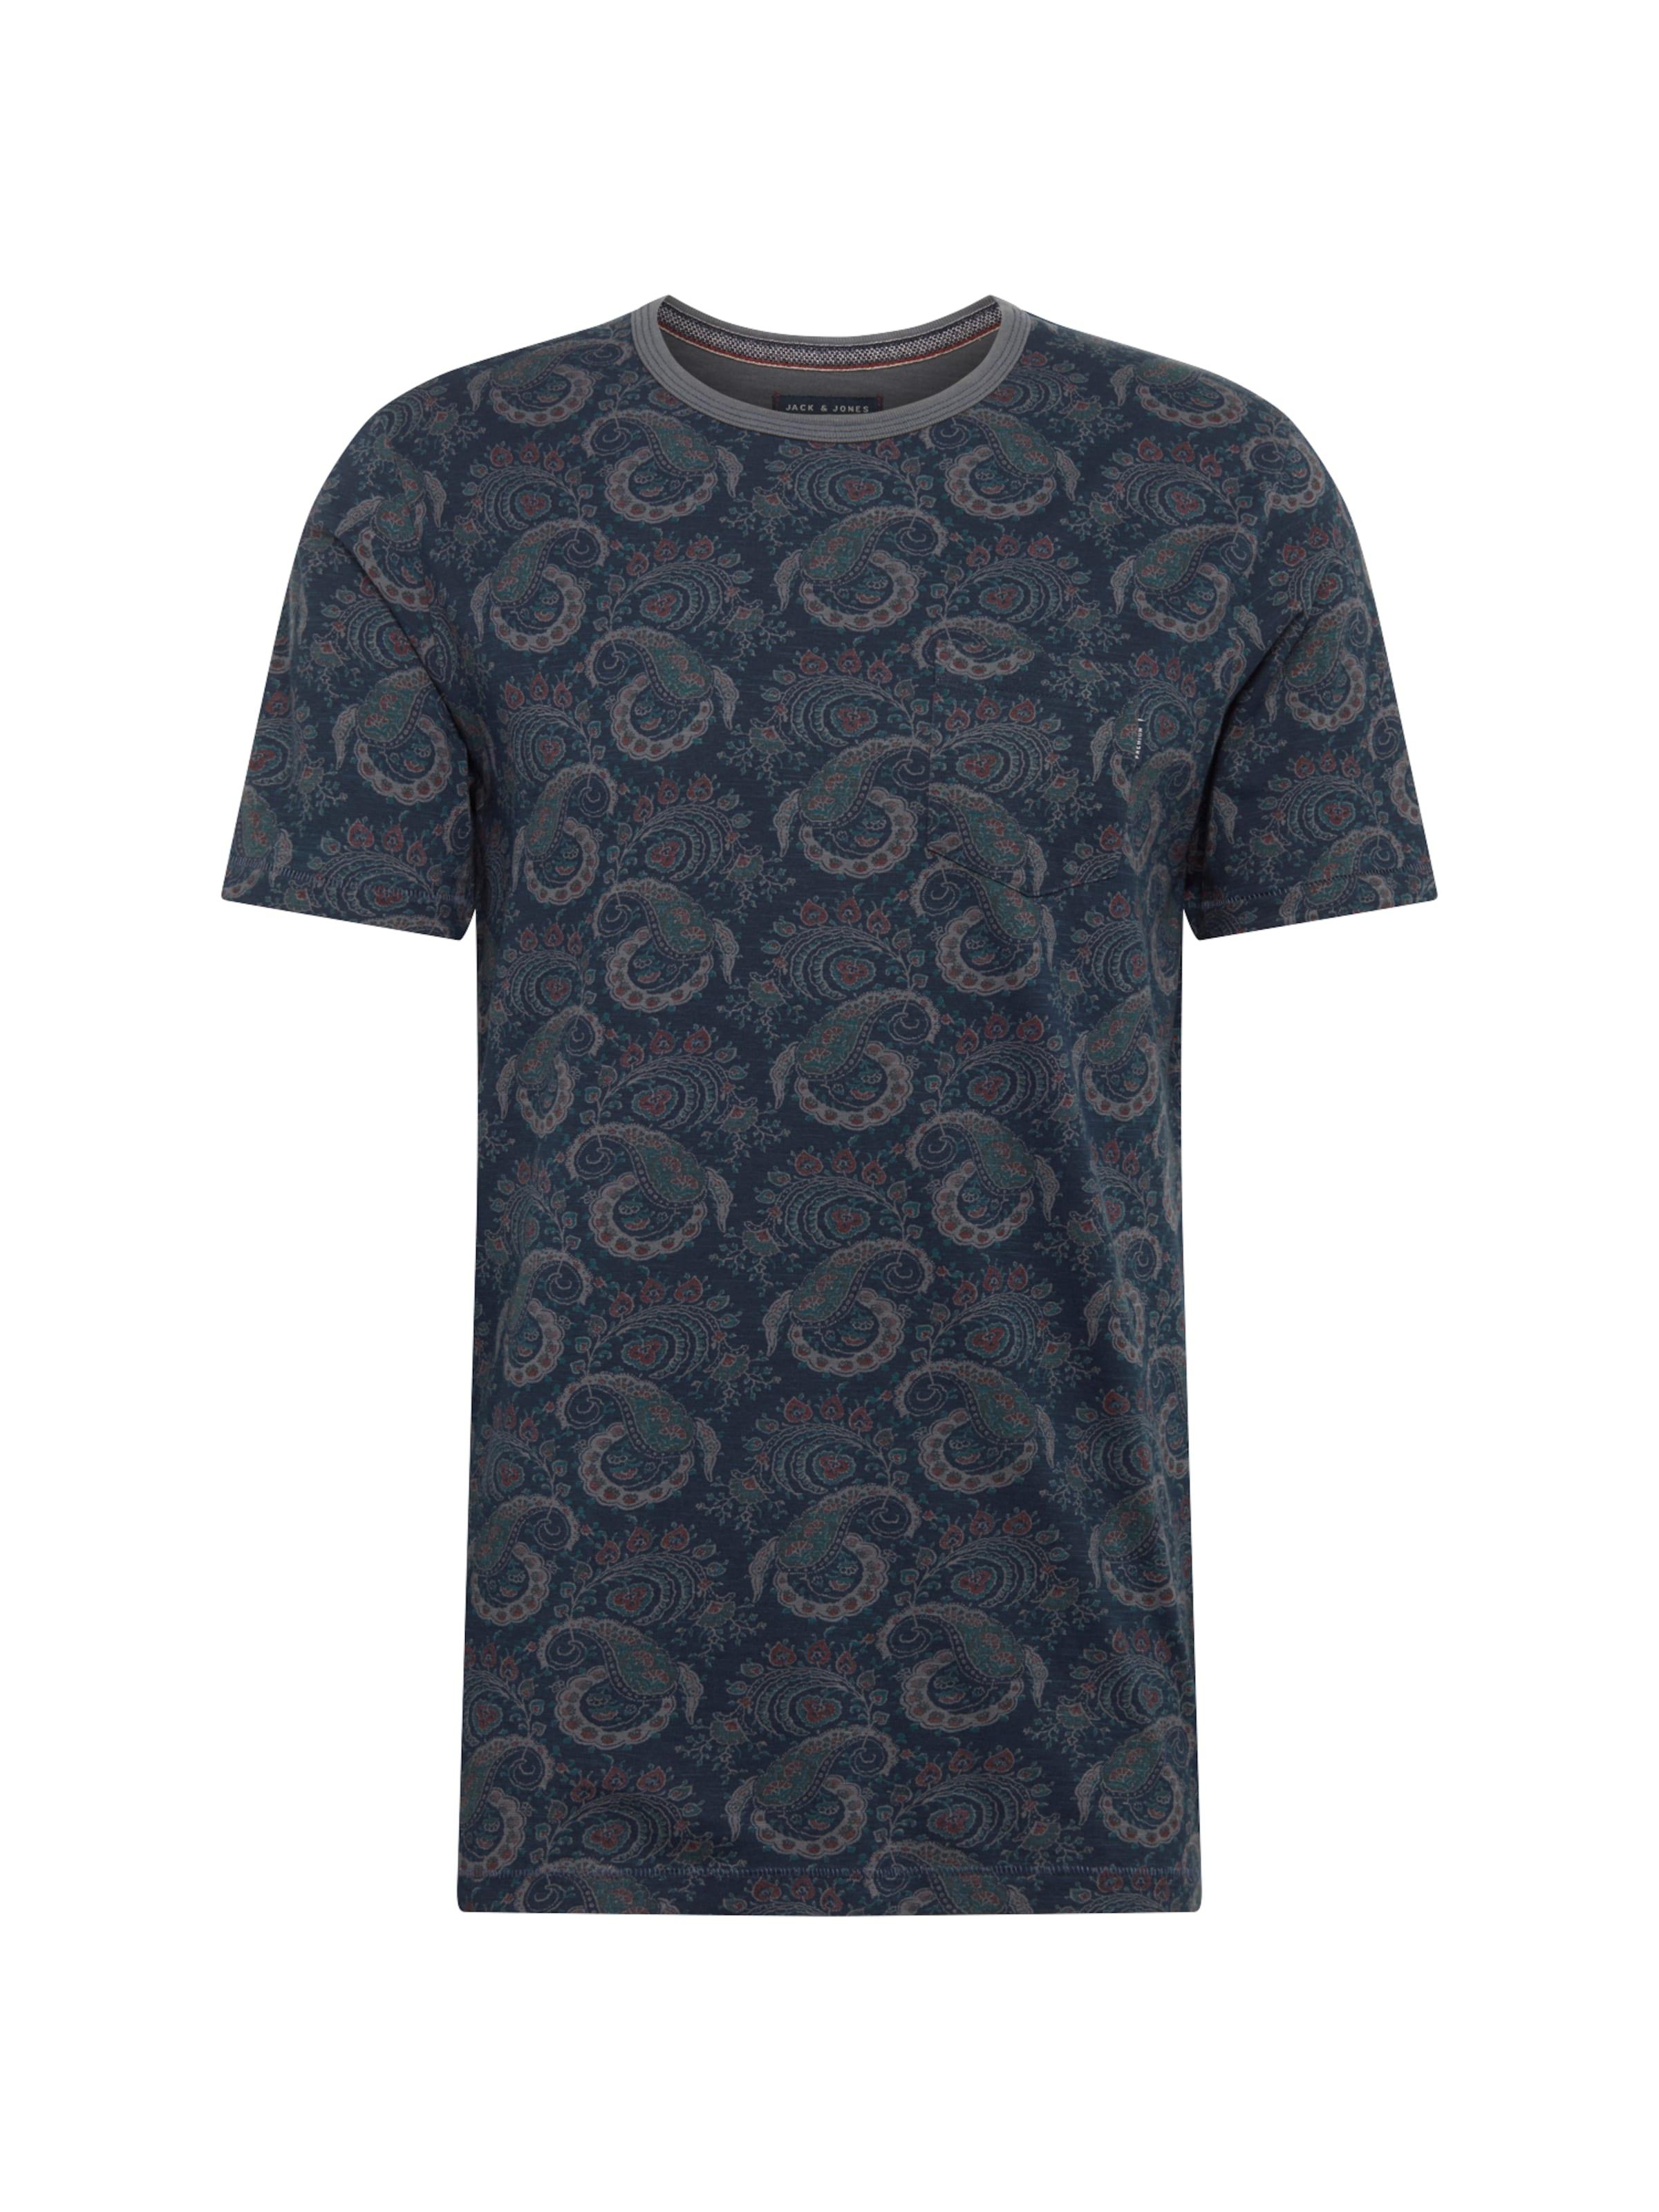 Bleu En shirt Couleurs Jones FoncéMélange T Jackamp; De lKJ1FTc